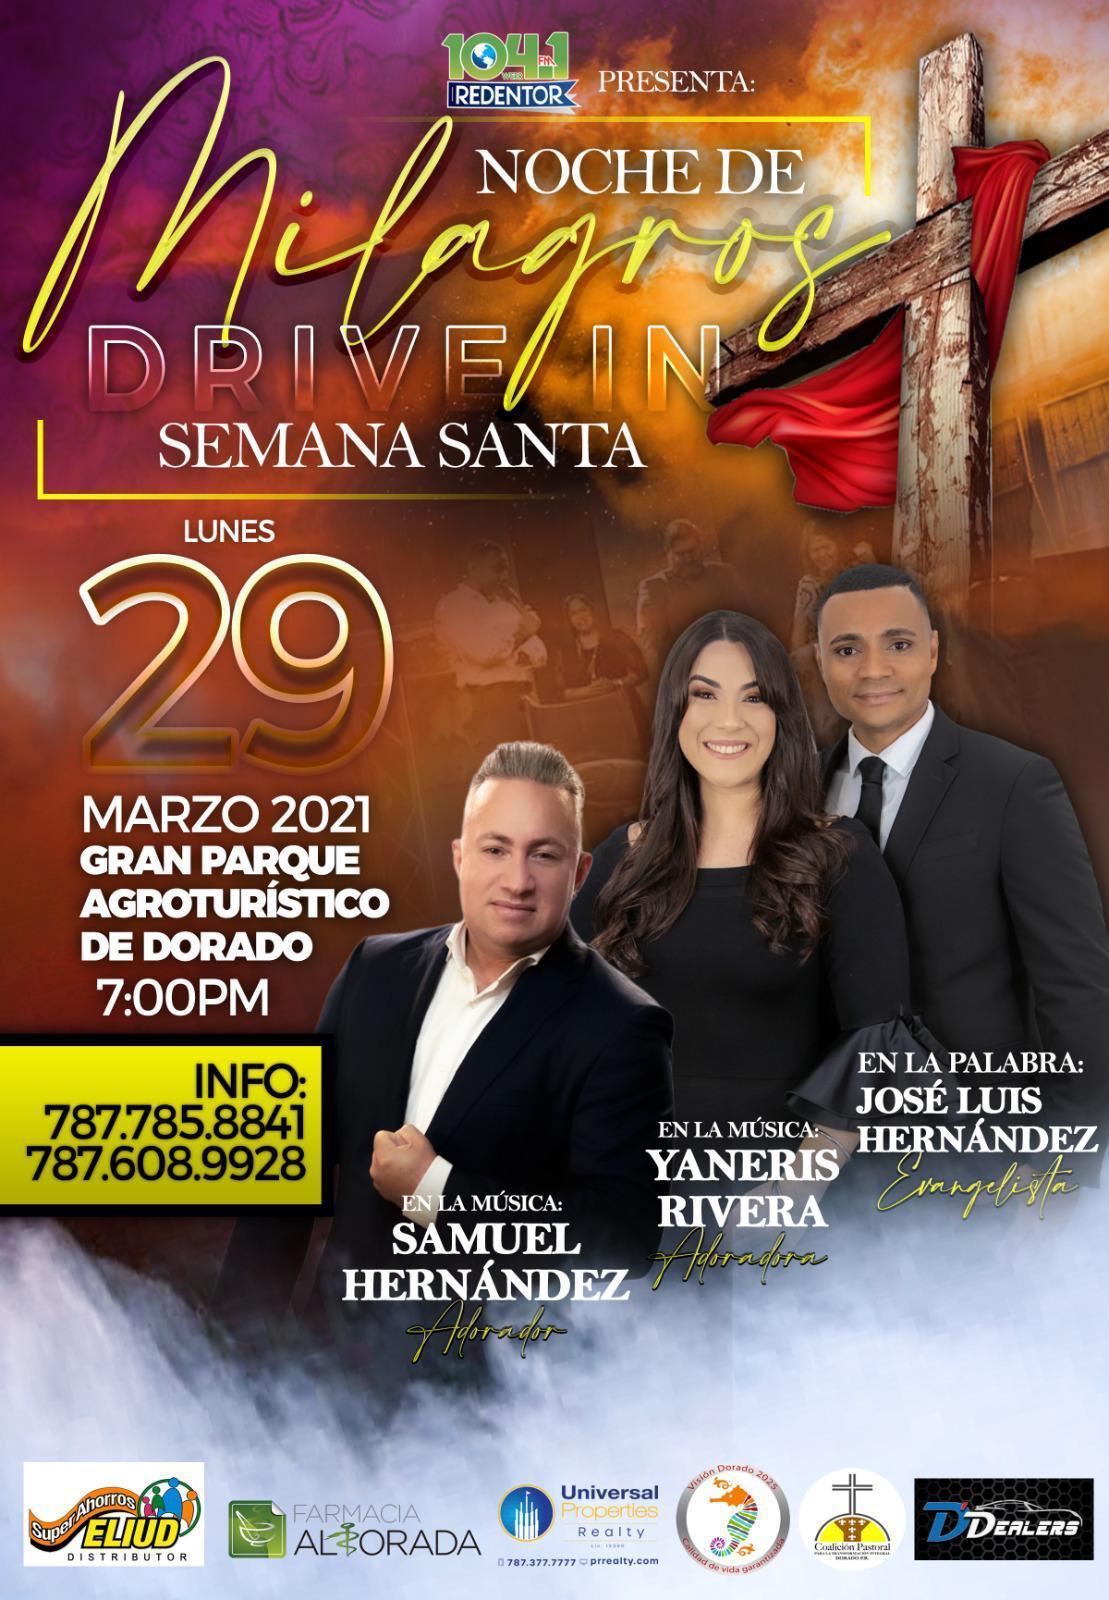 Noche de Milagros Drive-in Semana Santa - 104.1 Redentor